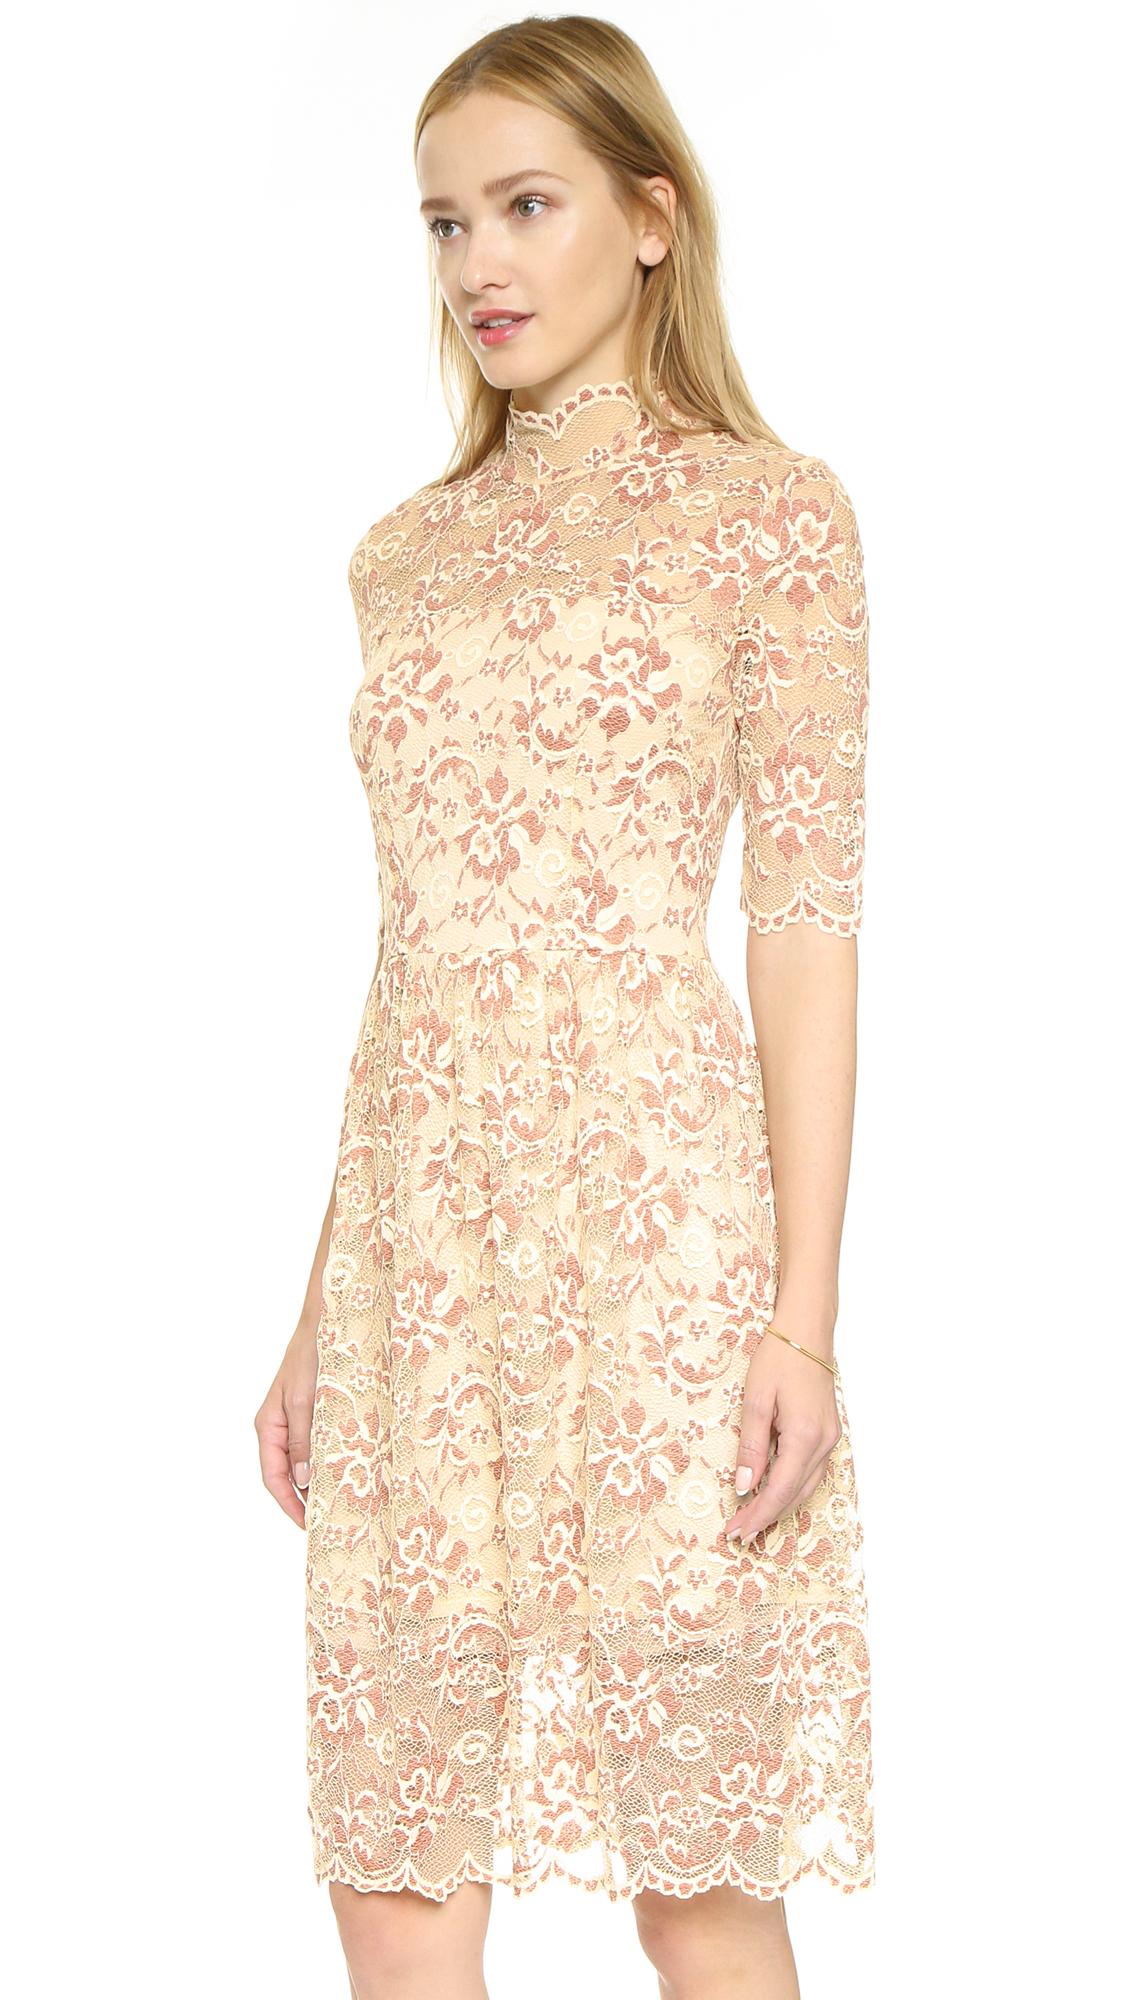 Copper Lace Dresses